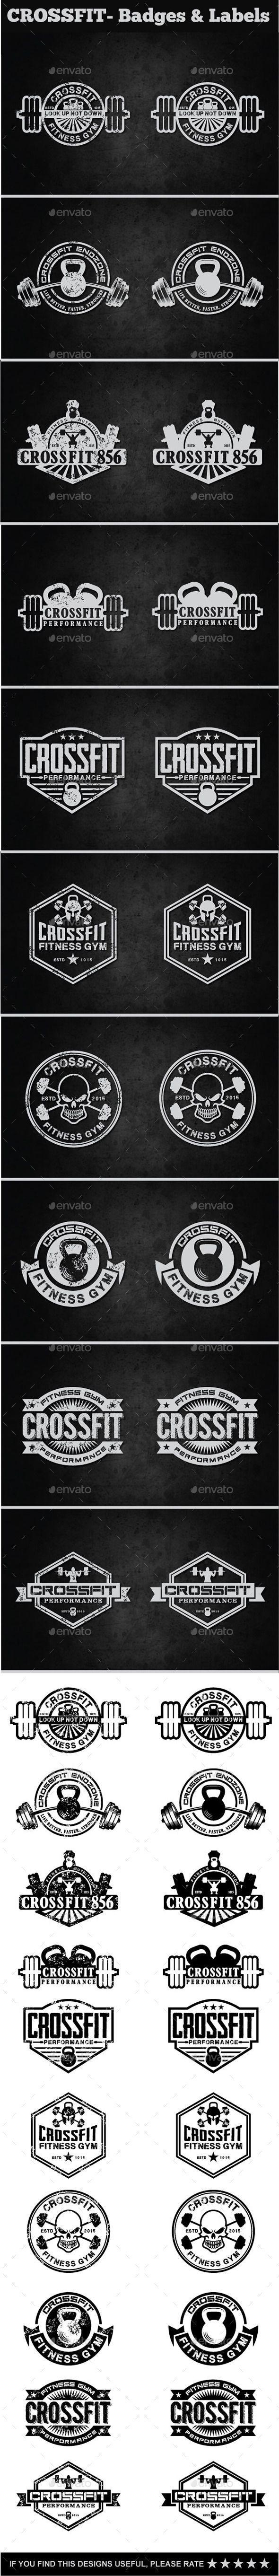 Crossfit- Labels & Badges #design #label Download: http://graphicriver.net/item/crossfit-labels-badges/11820703?ref=ksioks